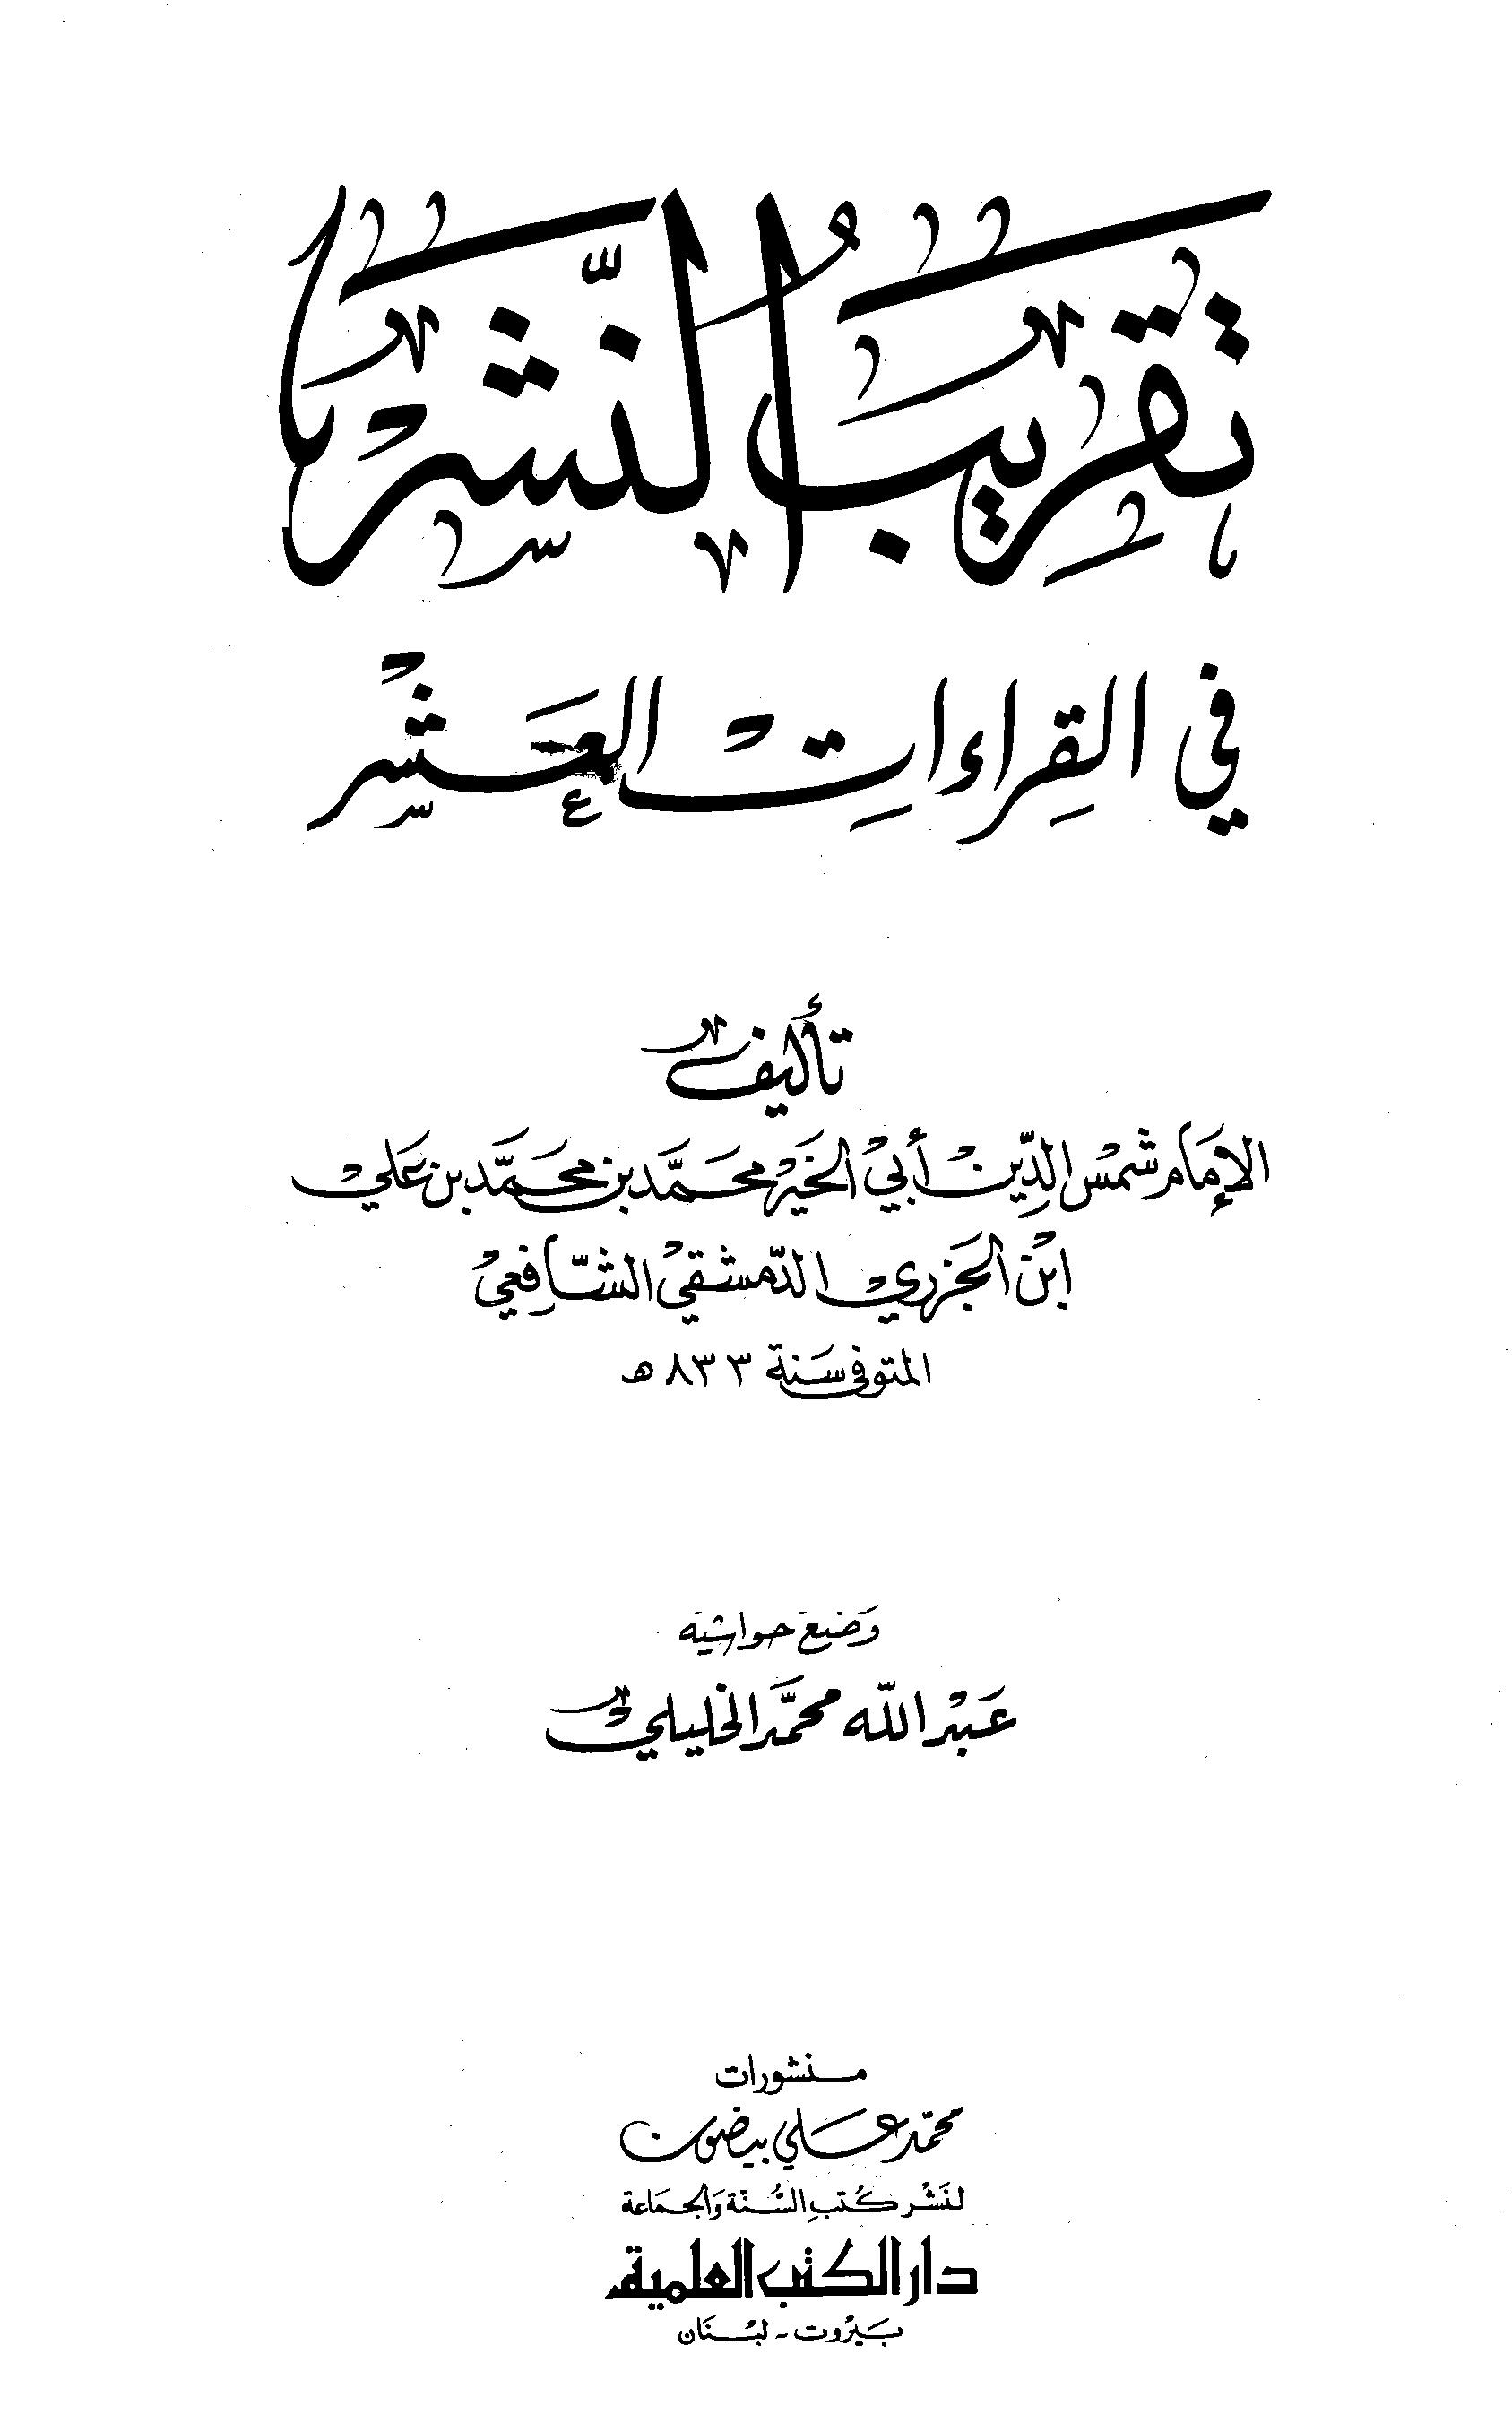 تحميل كتاب تقريب النشر في القراءات العشر لـِ: ابن الجزري